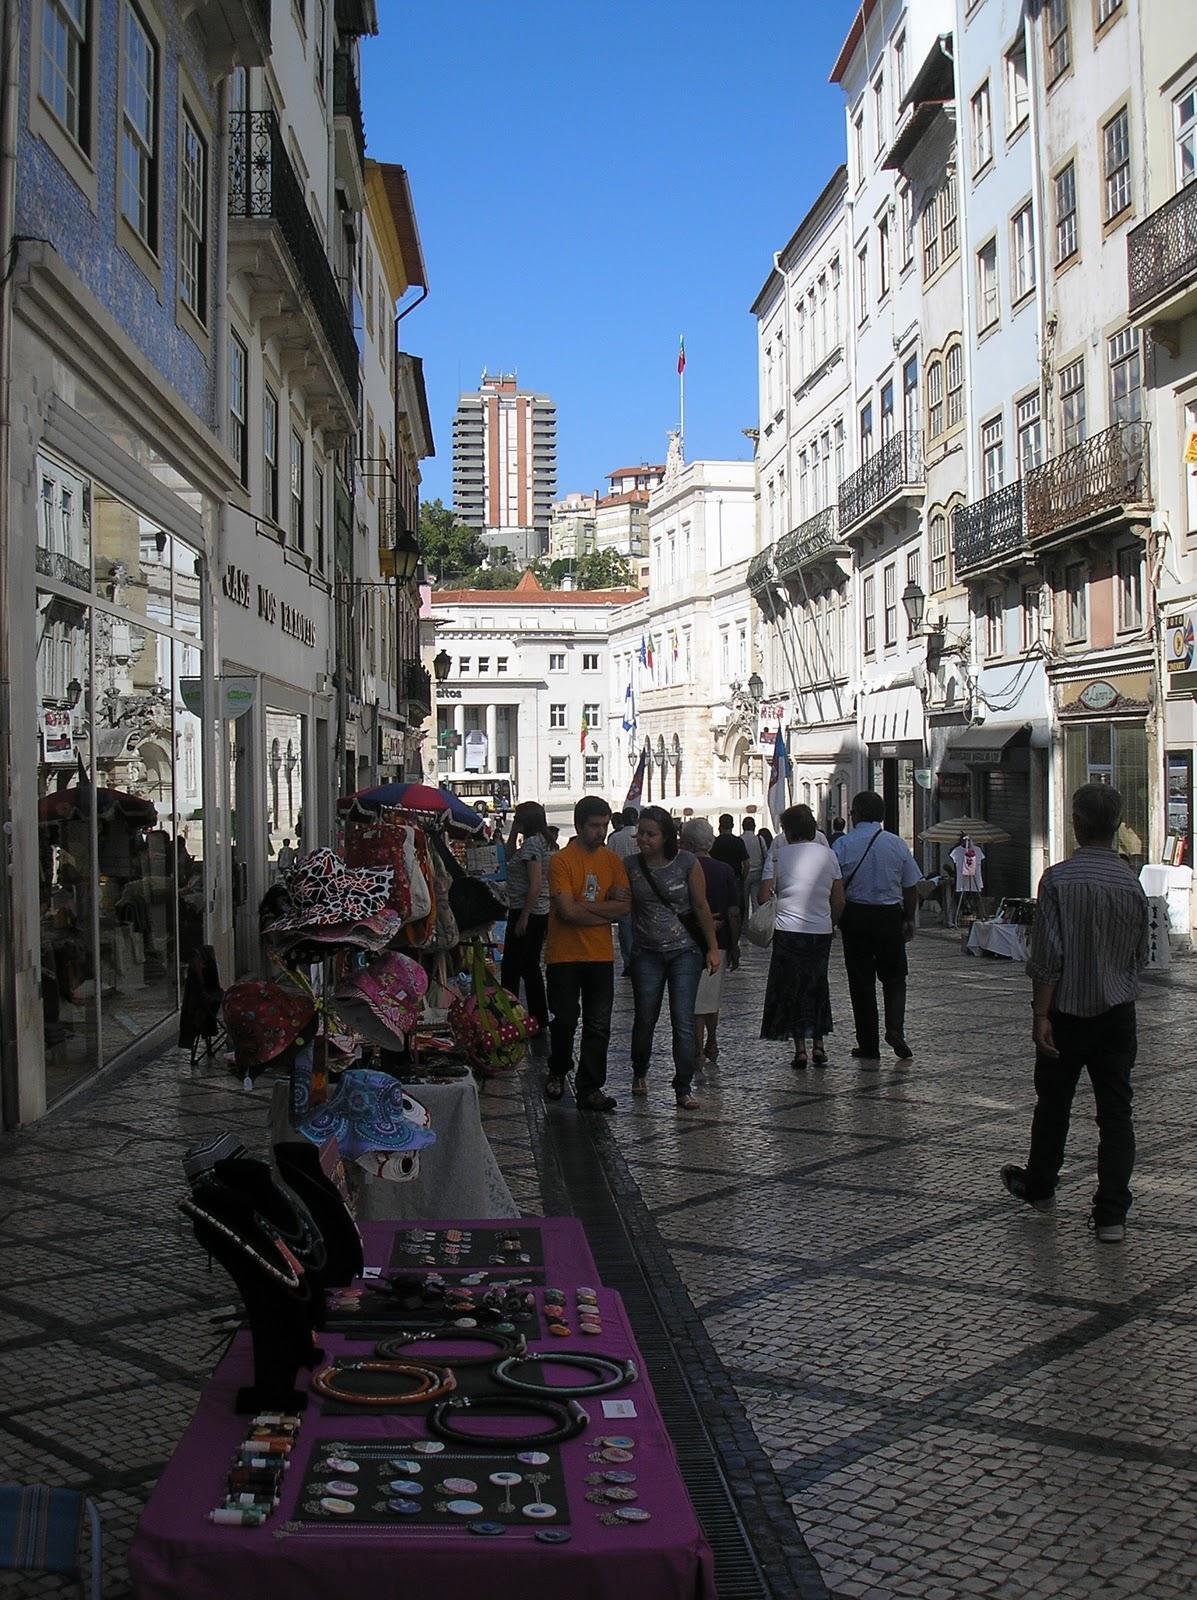 Adesivo De Olhos ~ Sílvia Jácome Feira de Artesanato Urbano de Coimbra